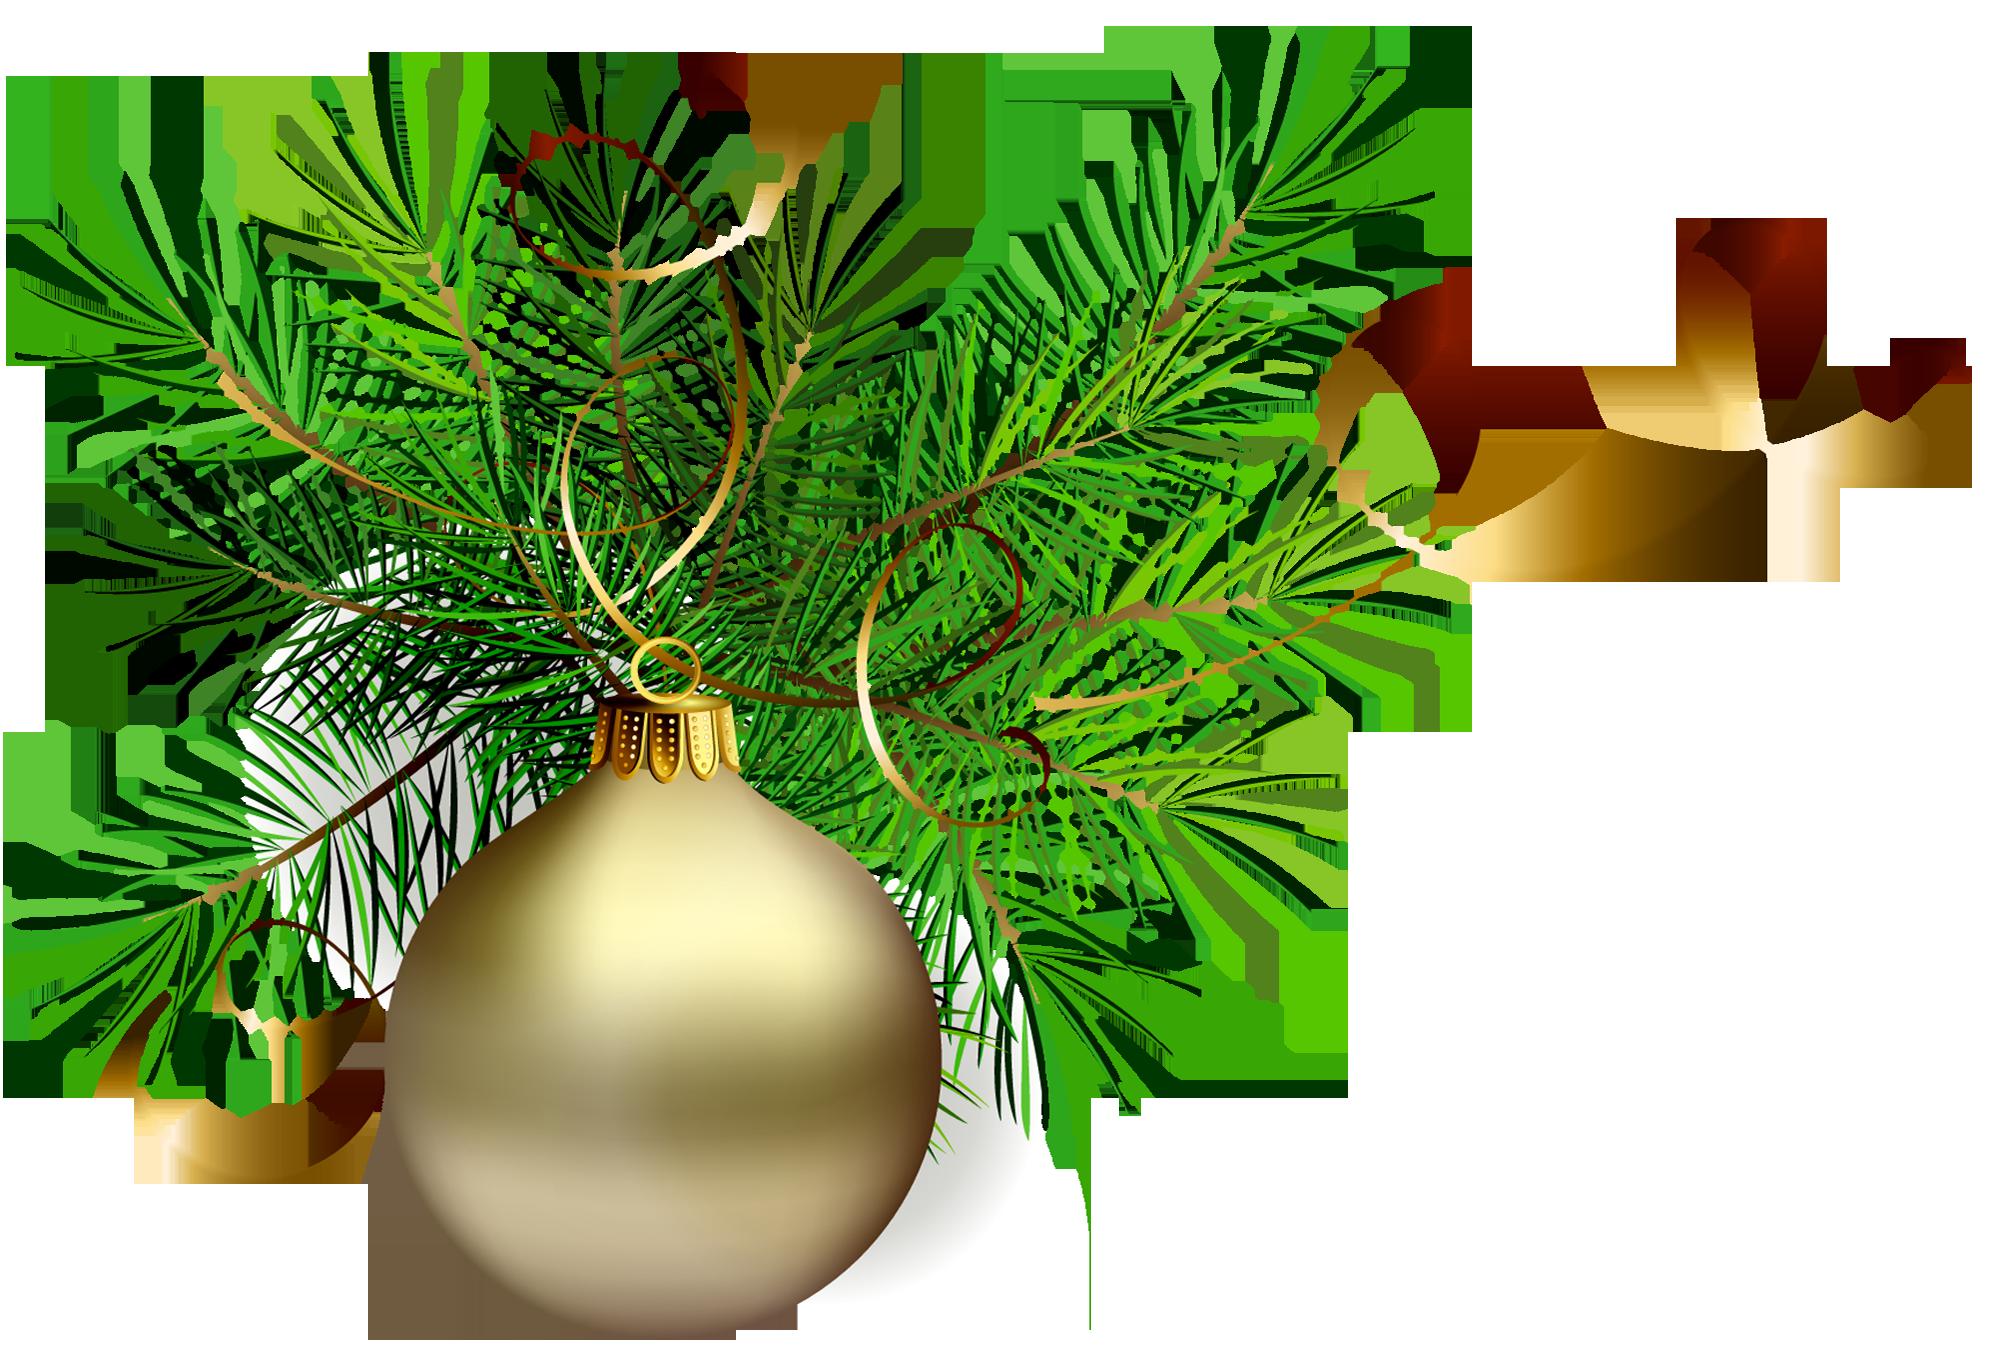 Christmas Angel Transparent Png Clip Art Image: Priešmokyklinukai šią Savaitę Kvietė į Kalėdinius Vaidinimus